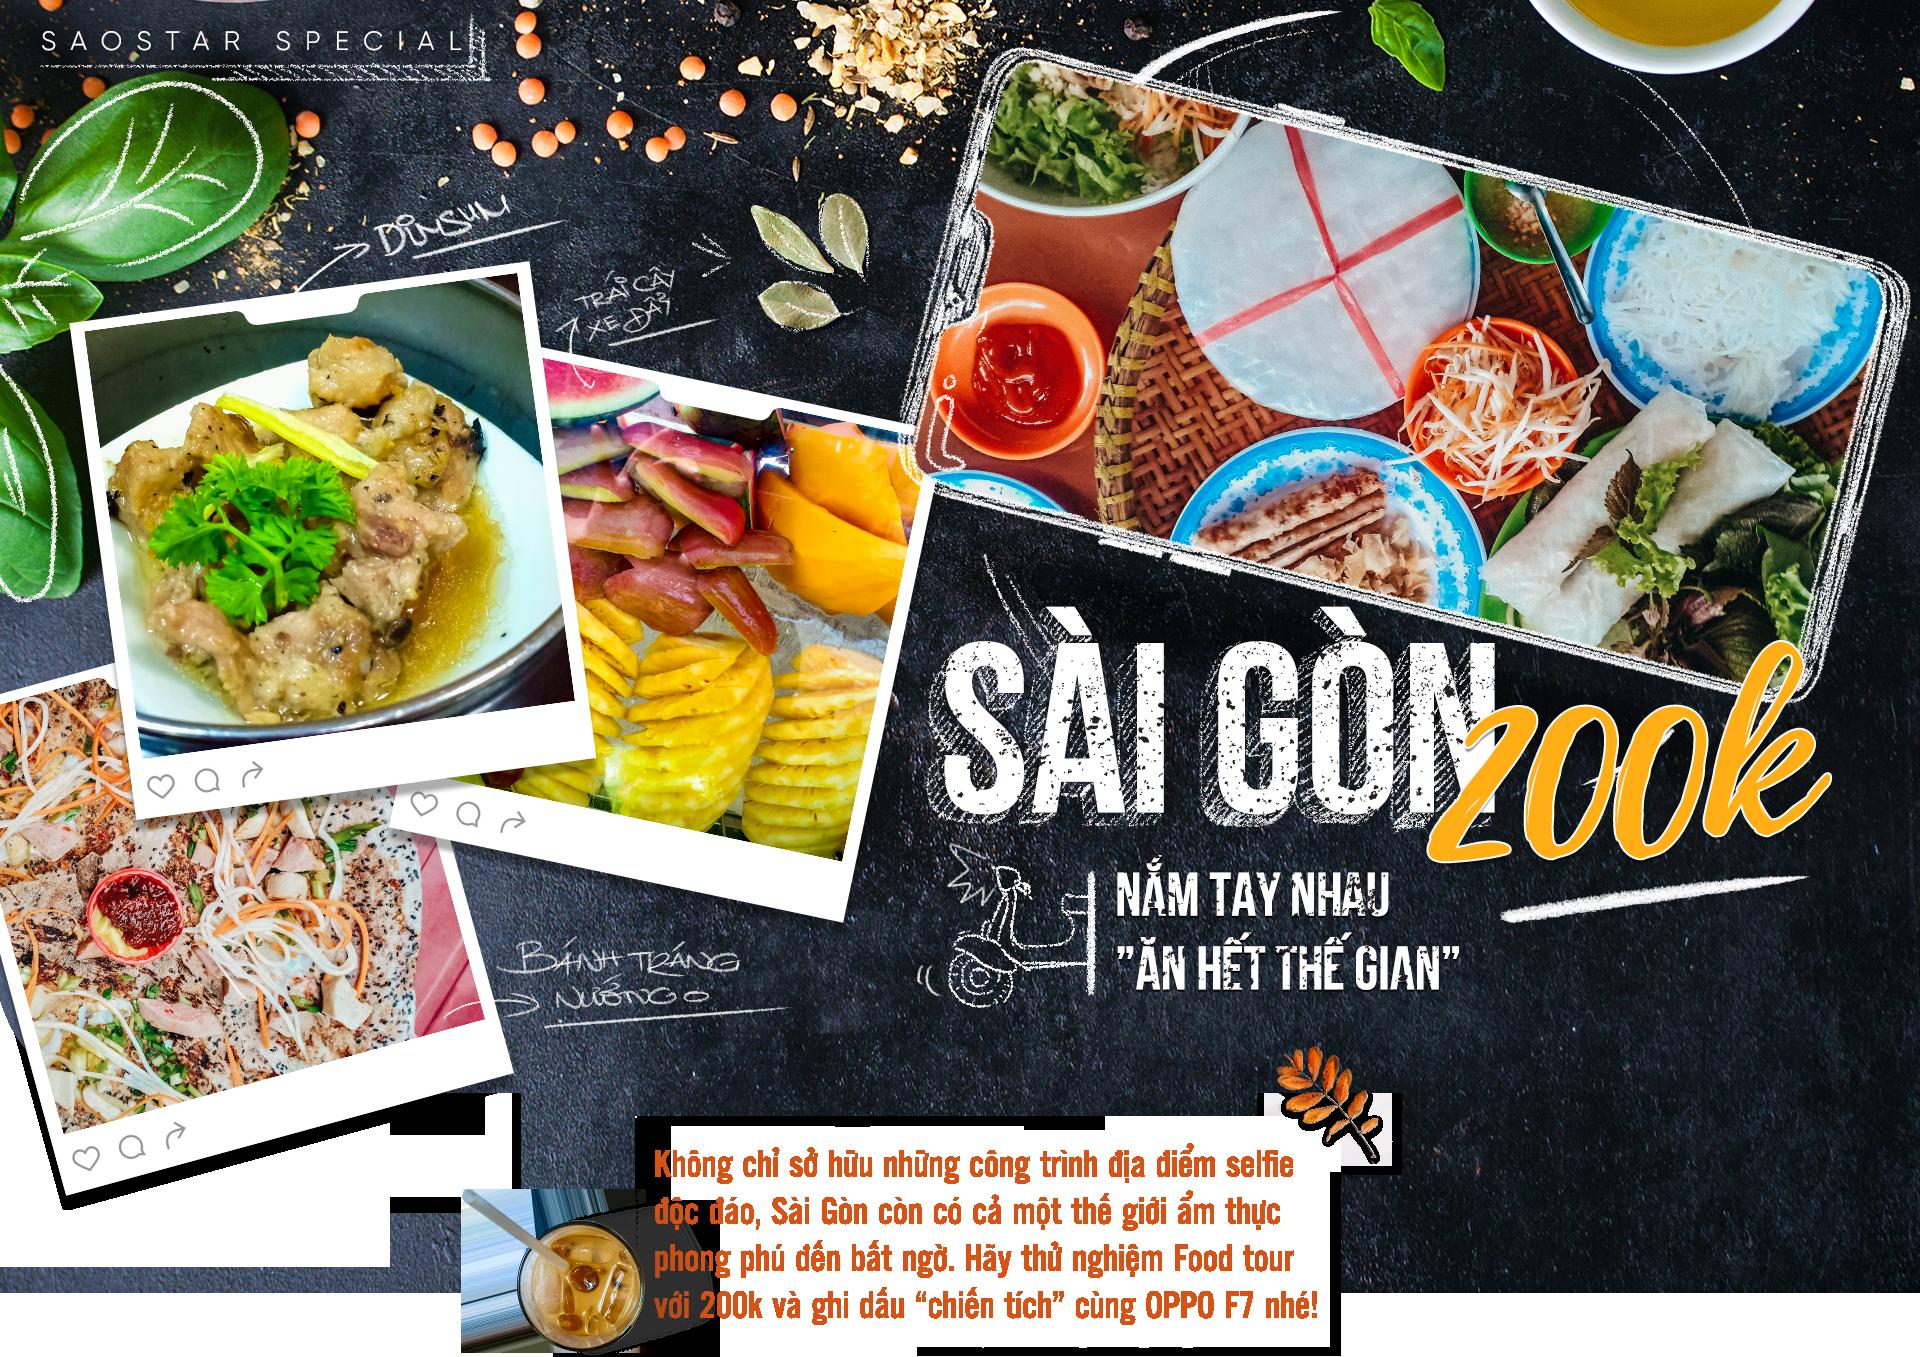 Sài Gòn 200k: Nắm tay nhau 'ăn hết thế gian'!